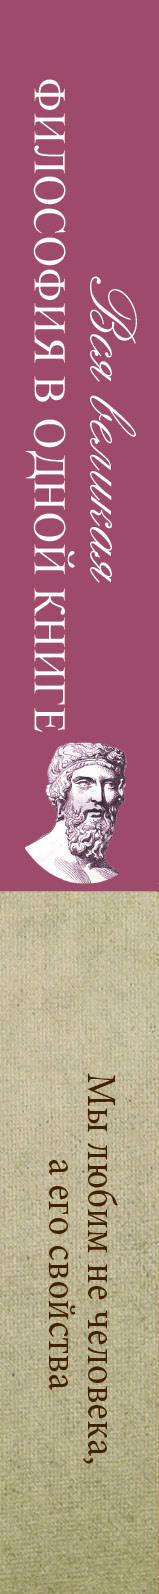 Вся великая философия в одной книге. Платон, Аристотель,Иммануил Кант,Фрдрих Ницше